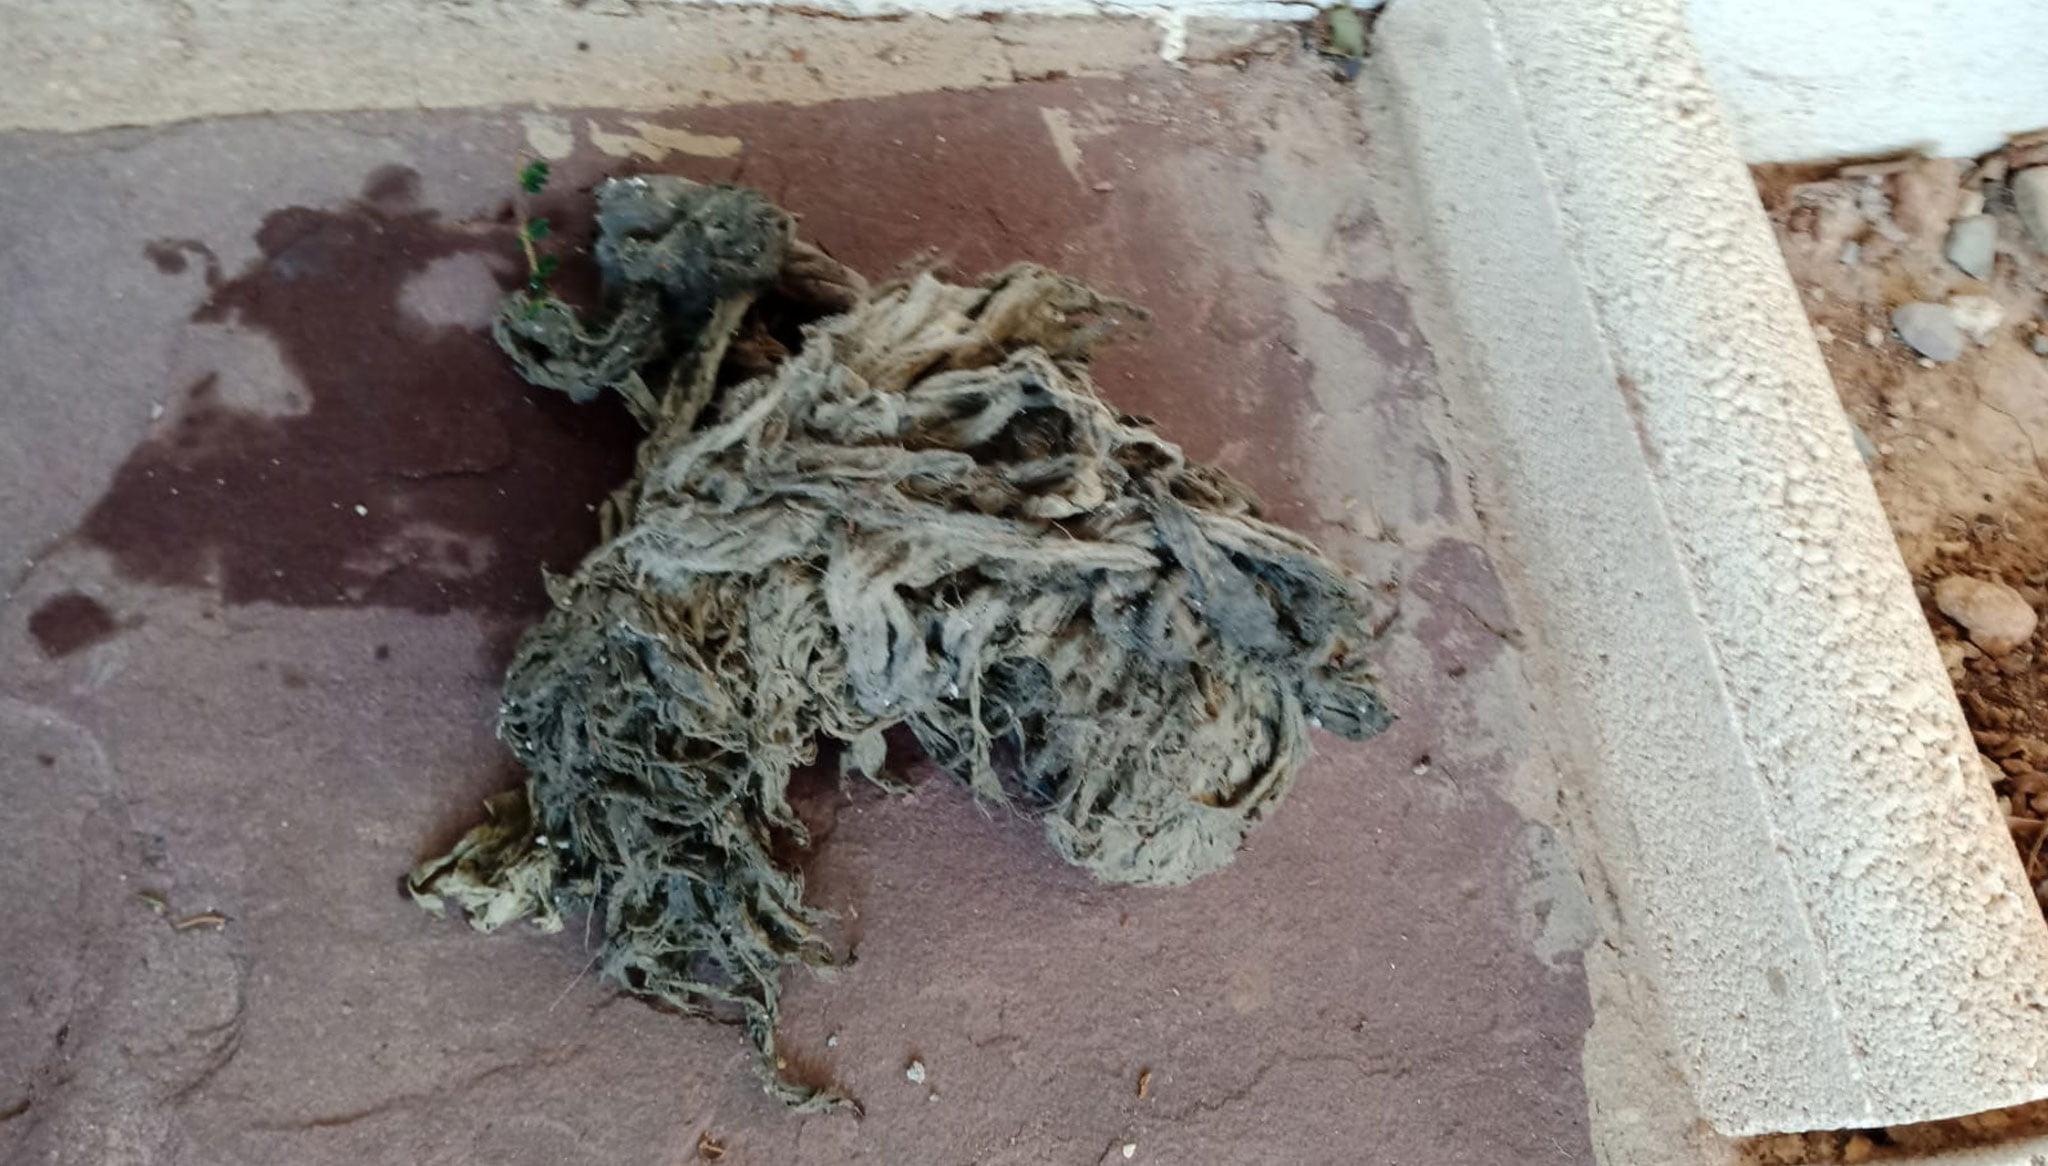 Acumulación de toallitas extraídas de un desagüe – Gesdenia